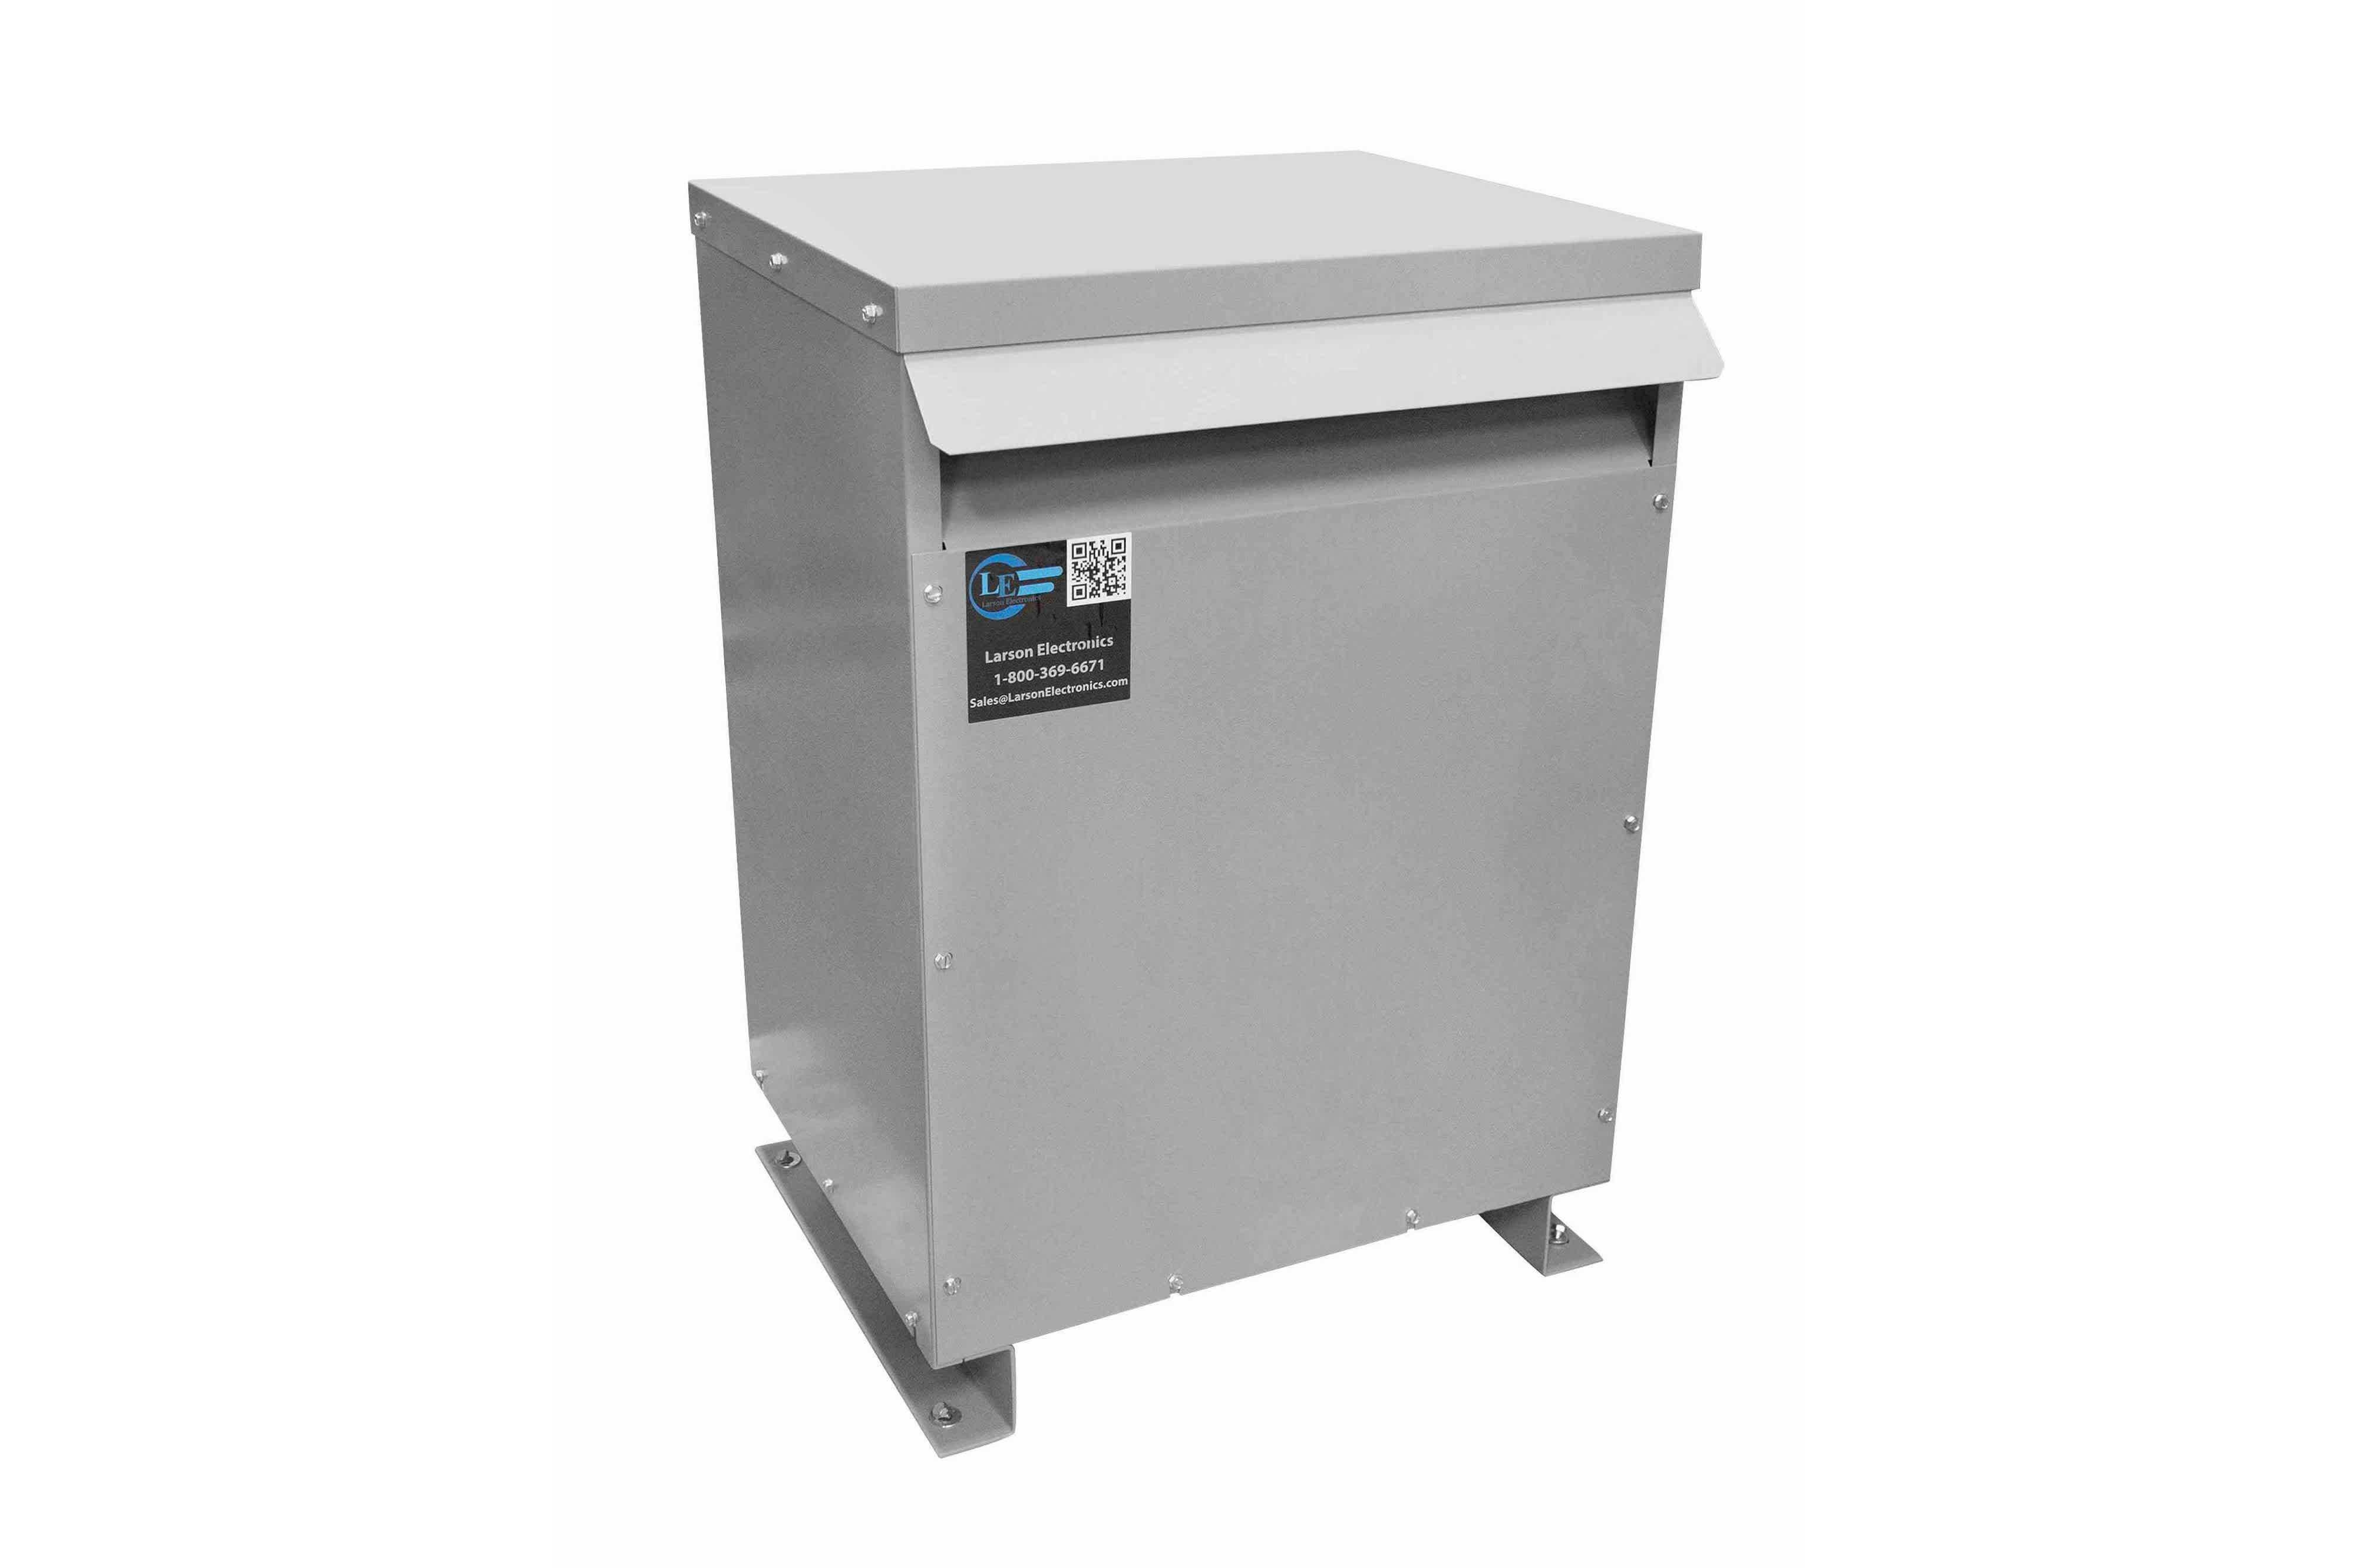 500 kVA 3PH Isolation Transformer, 440V Delta Primary, 208V Delta Secondary, N3R, Ventilated, 60 Hz